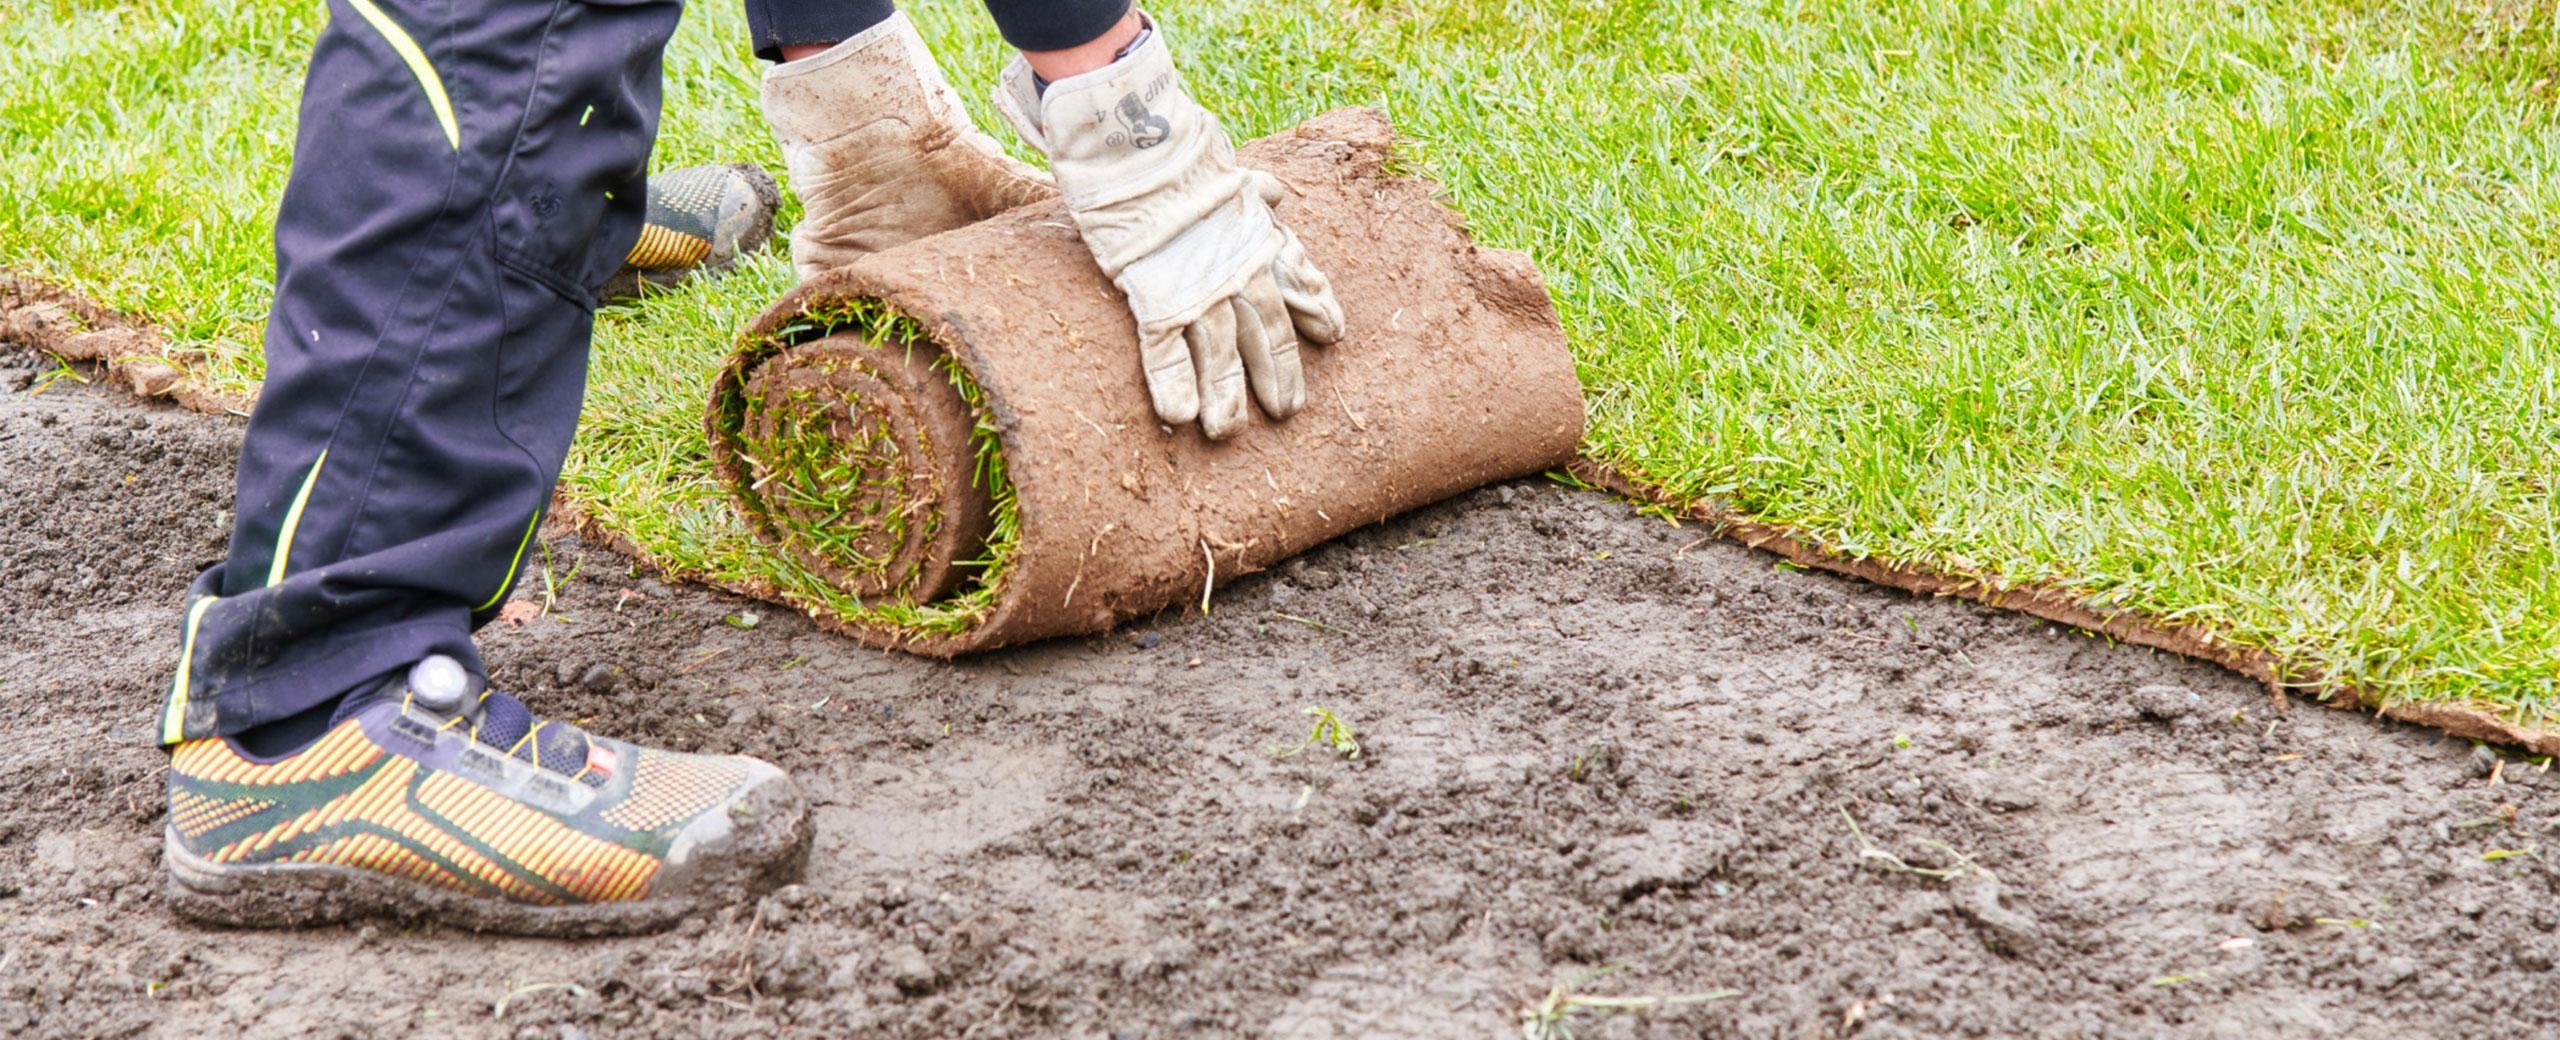 Dienstleistungen in den Bereichen Gartenbau und Landschaftsbau